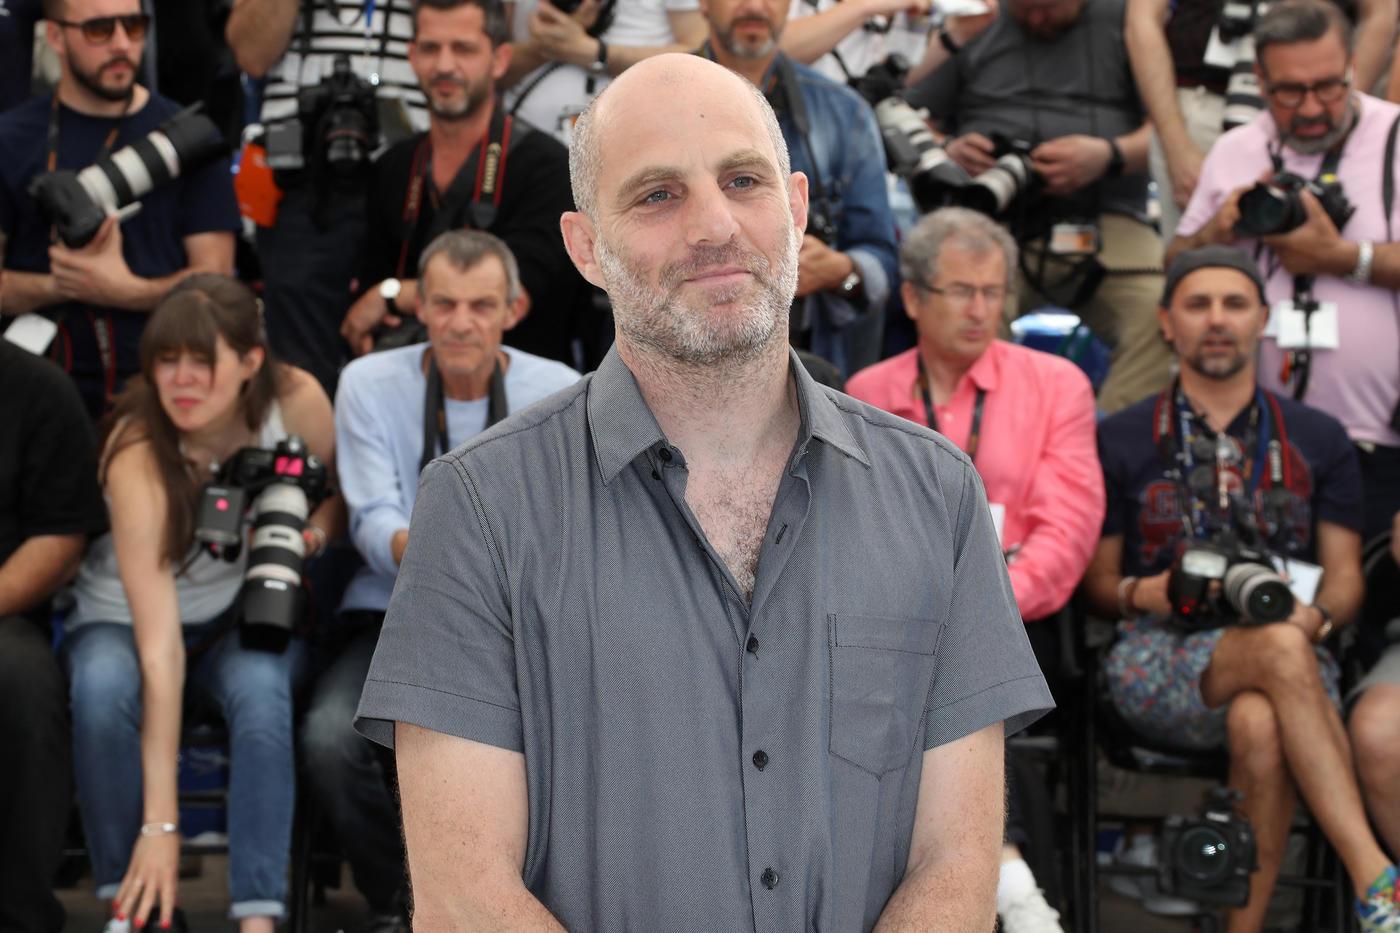 Cannes: Palästinensische Schauspieler ziehen sich wegen israelischer 'kultureller Auslöschung' vom Festival zurück